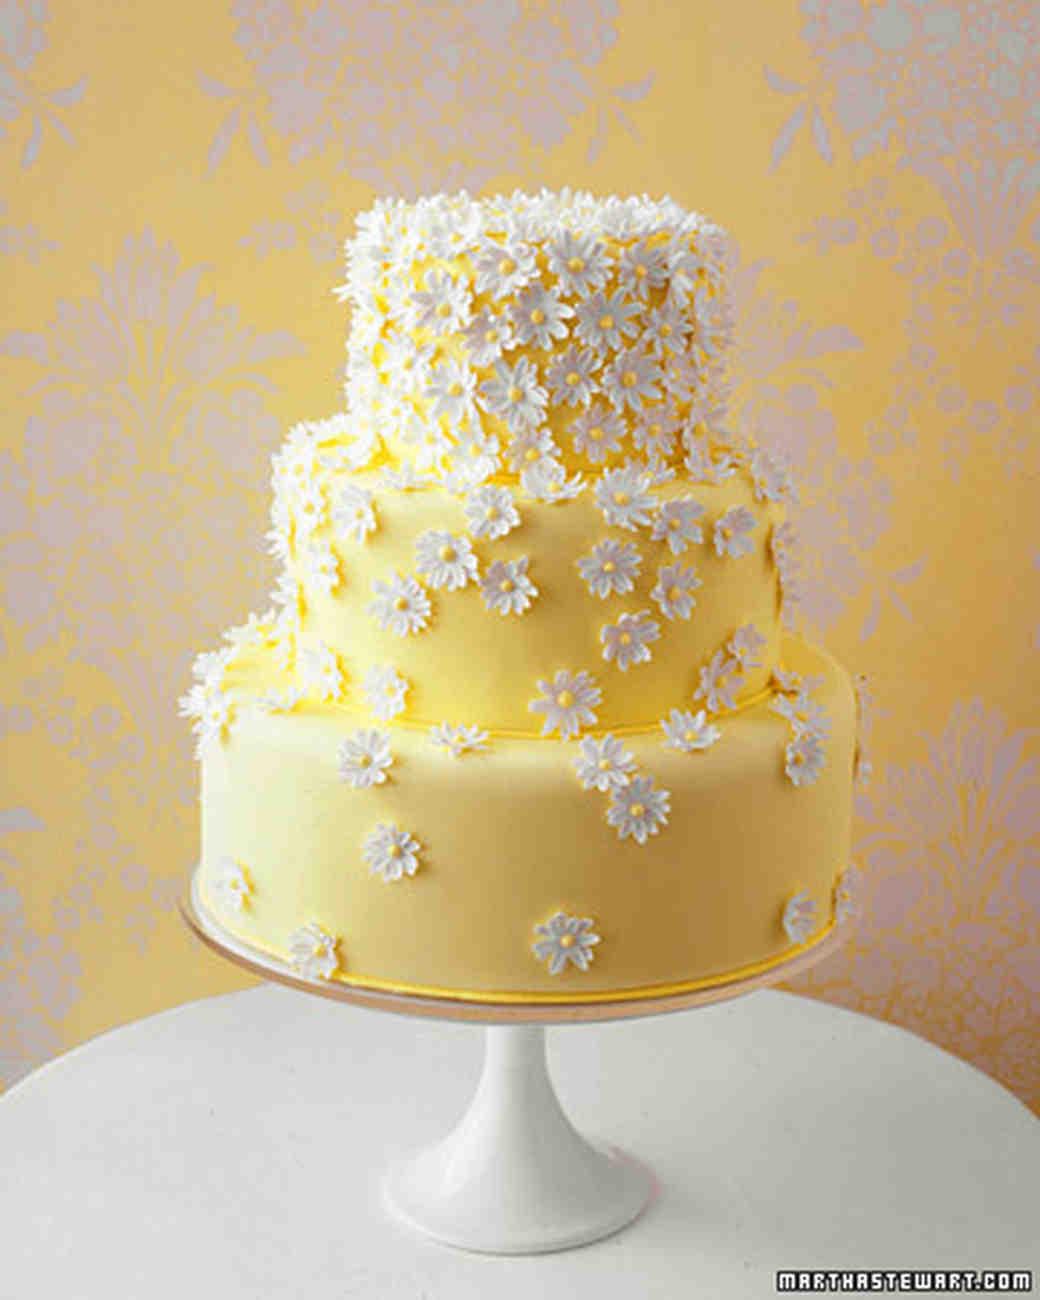 wa102009_spr06_cake01.jpg